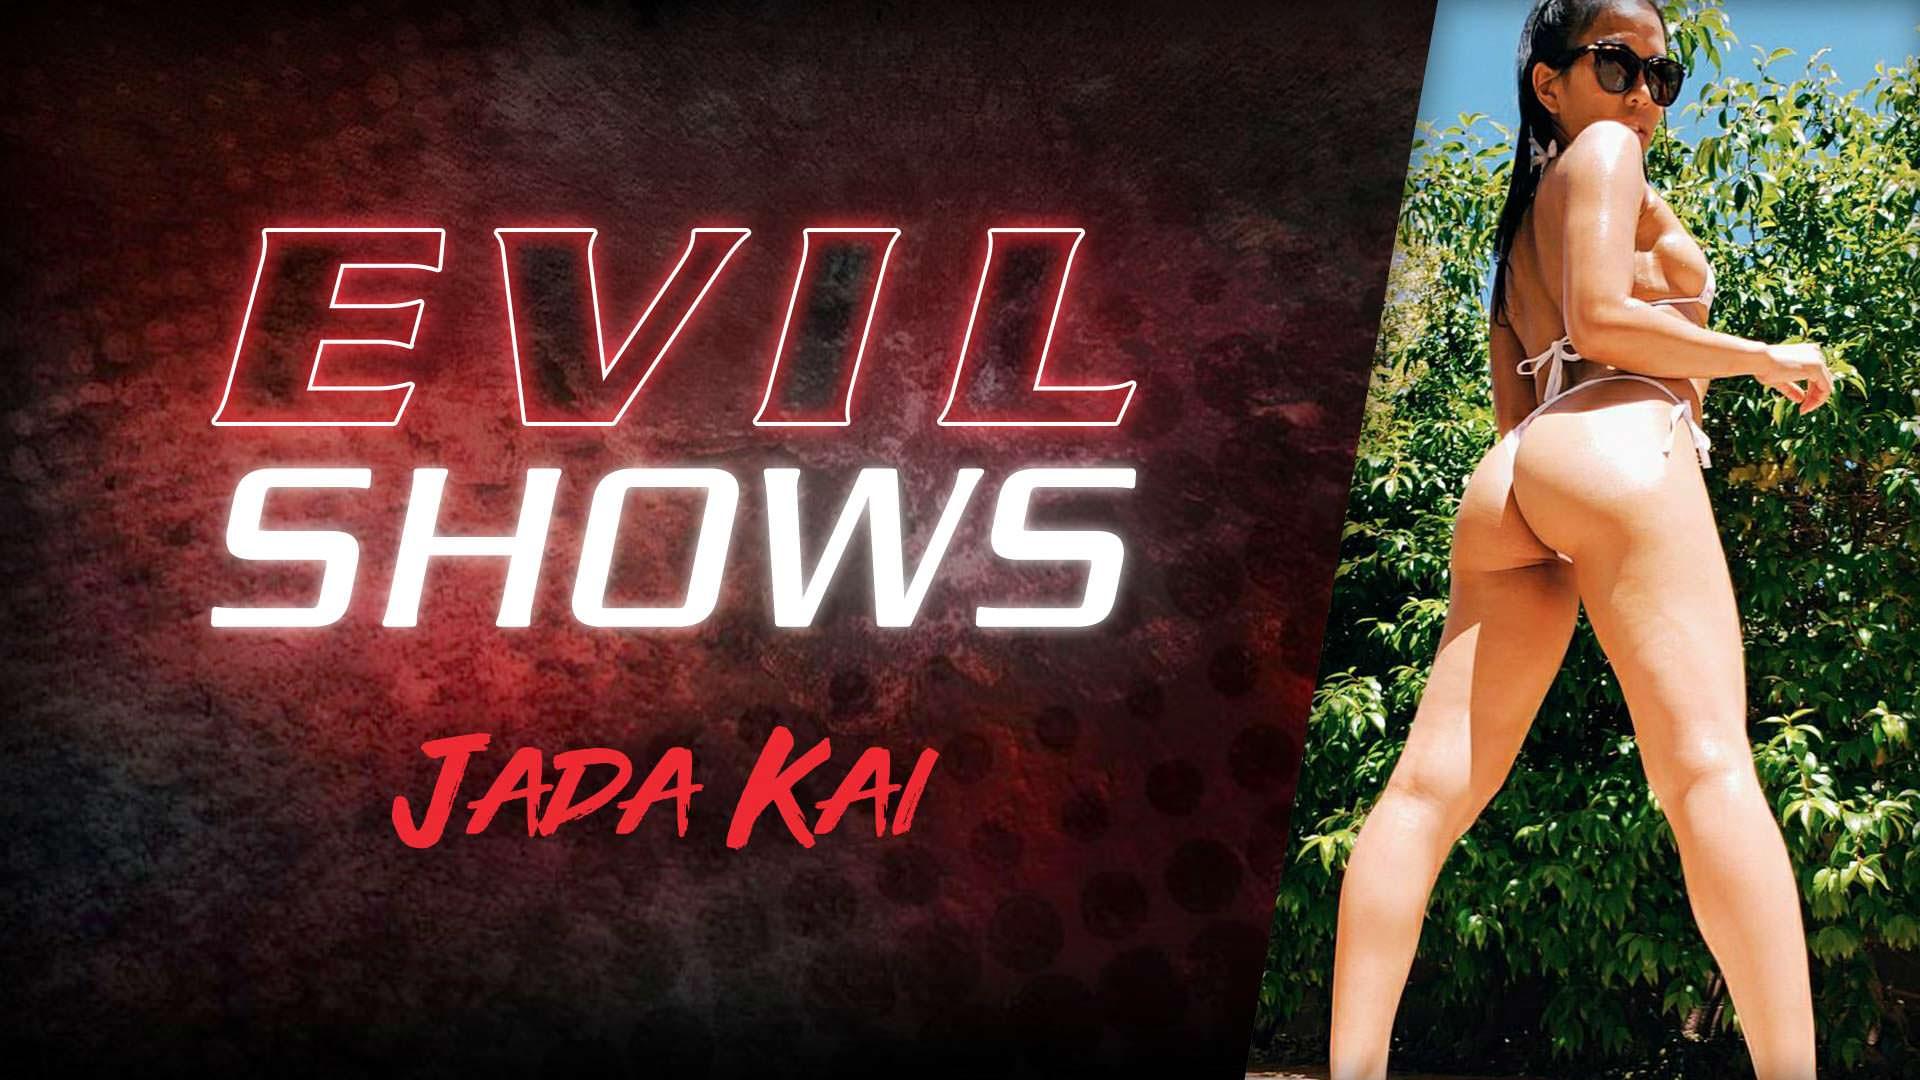 Evil Shows - Jada Kai - Jada Kai 1